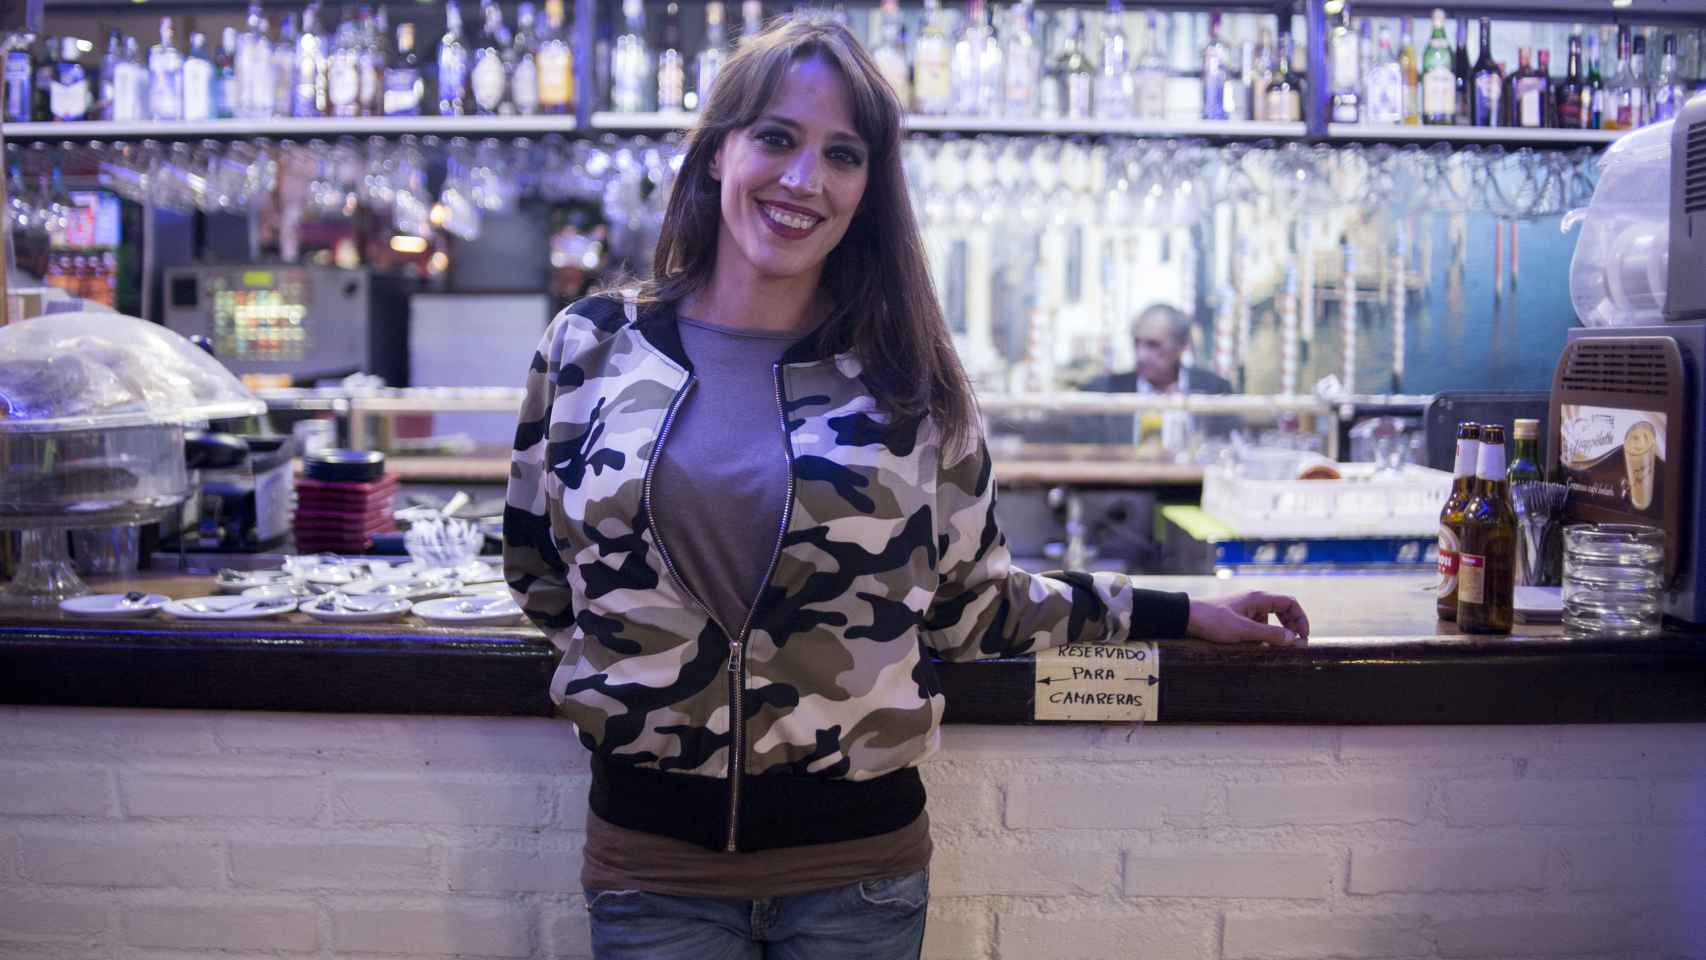 Bea 'La Legionaria' en la cafetería donde trabaja en Getafe